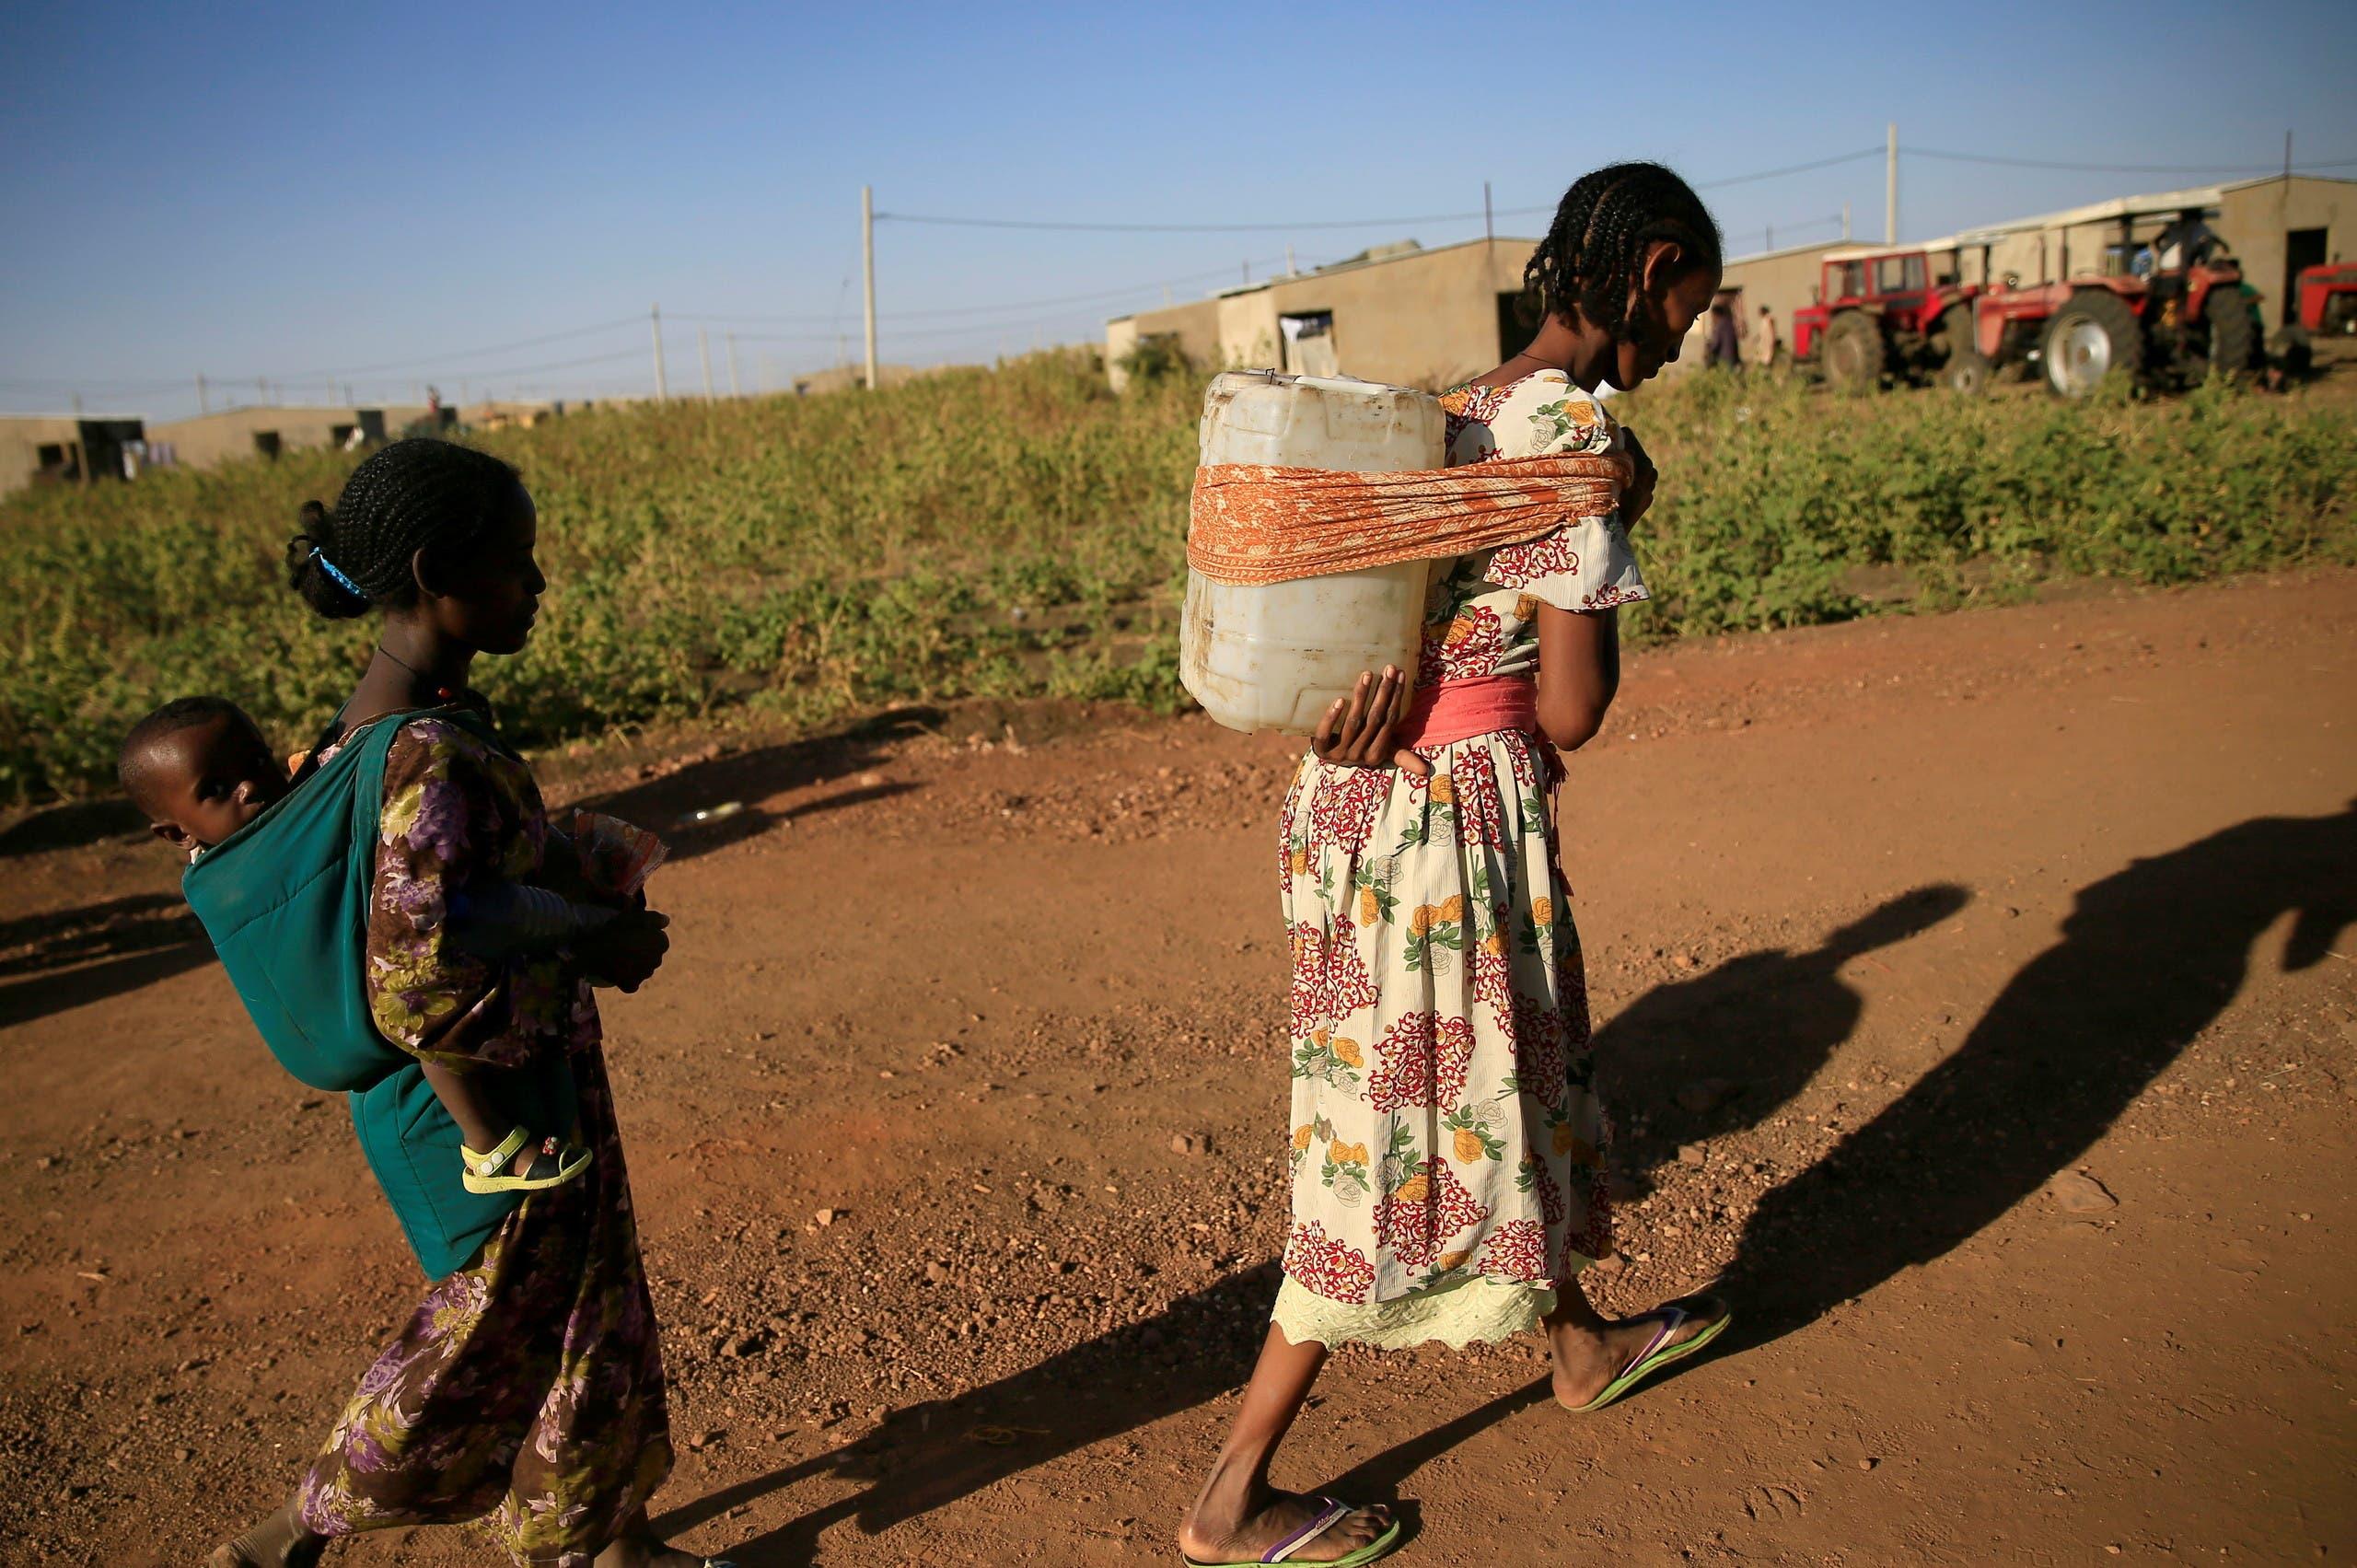 لاجئون إثيوبيون يفرون من القتال الدائر في منطقة تيغراي